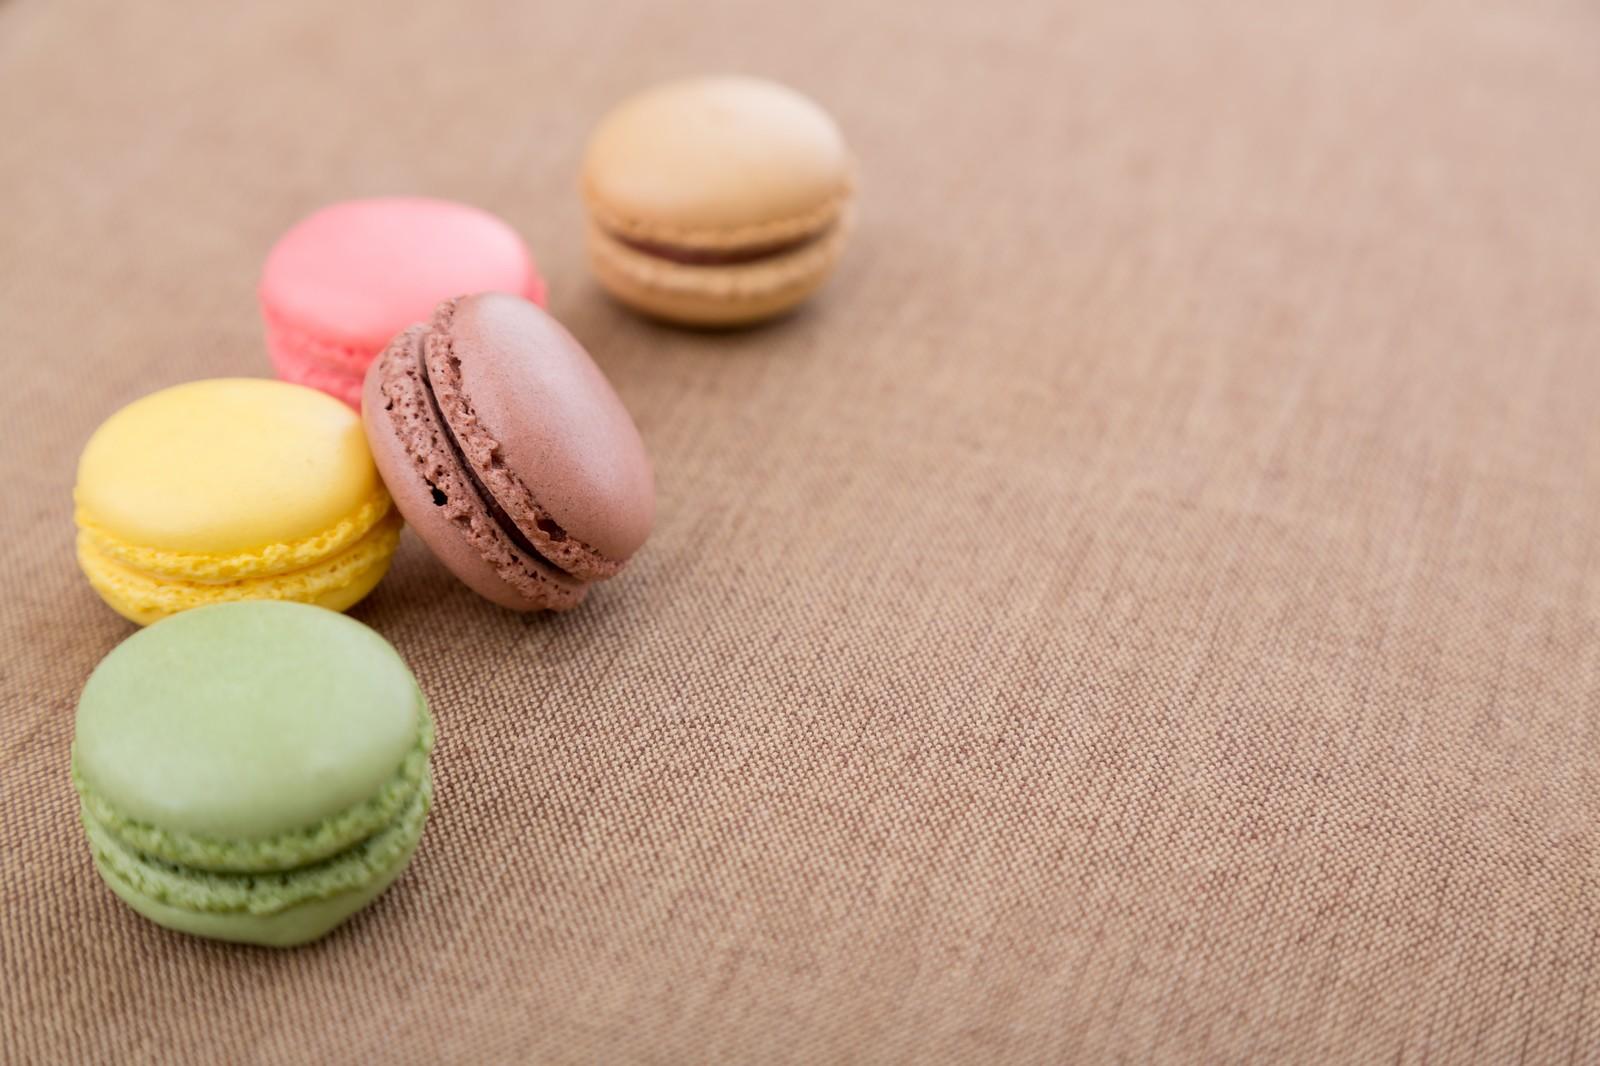 アングランパは本格的なフランス菓子店!おしゃれな焼き菓子がおすすめ!